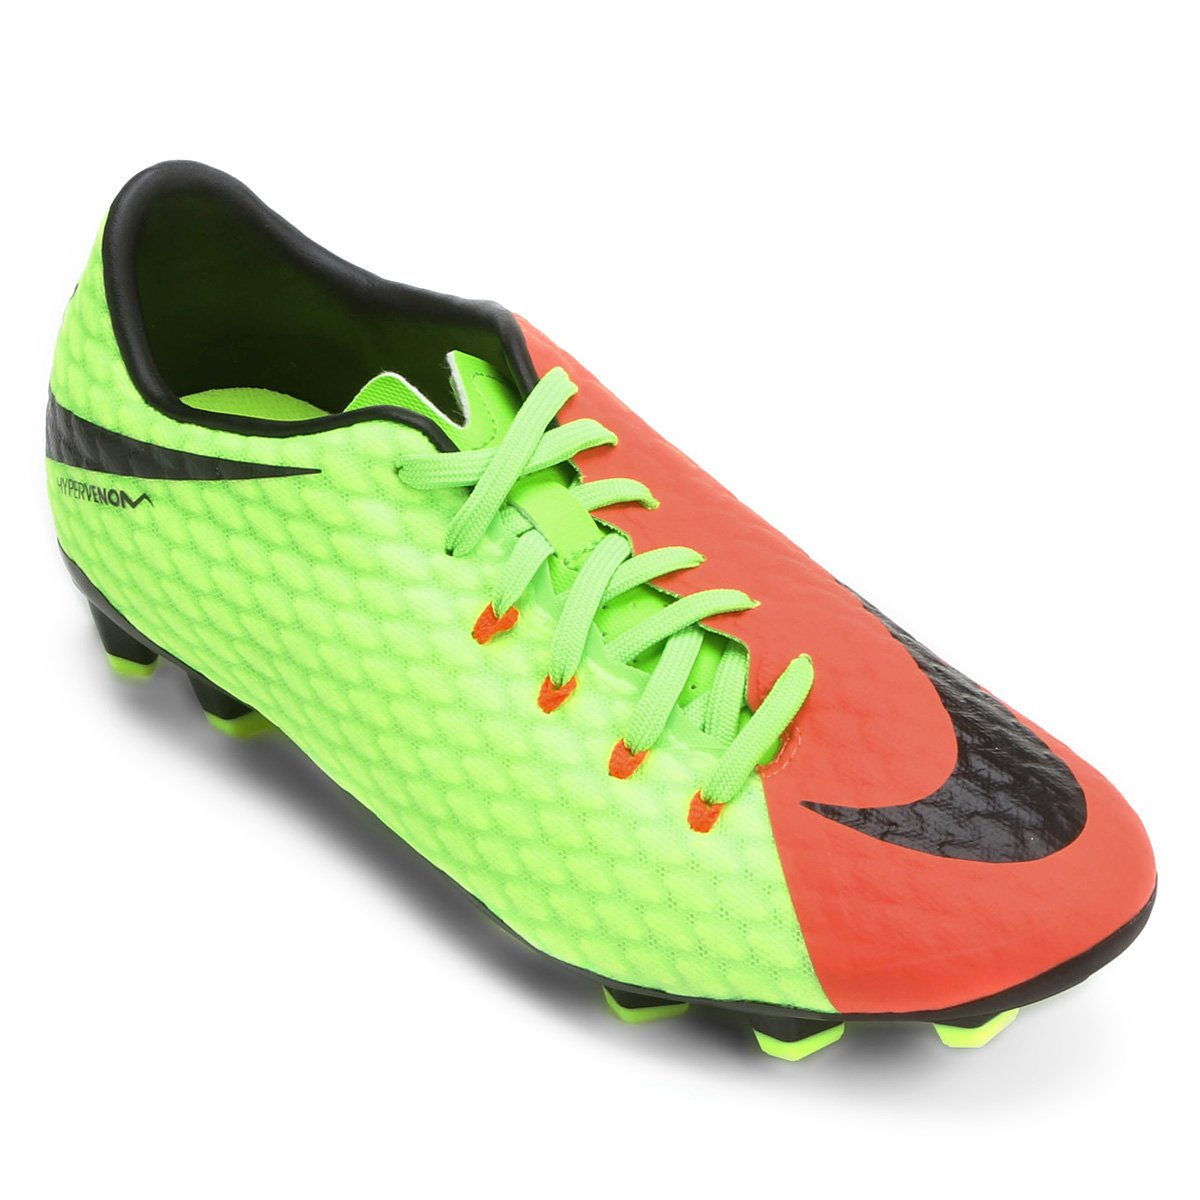 52e5a0dd65 Chuteira Campo Nike Hypervenom Phelon 3 FG - Laranja e Verde ...